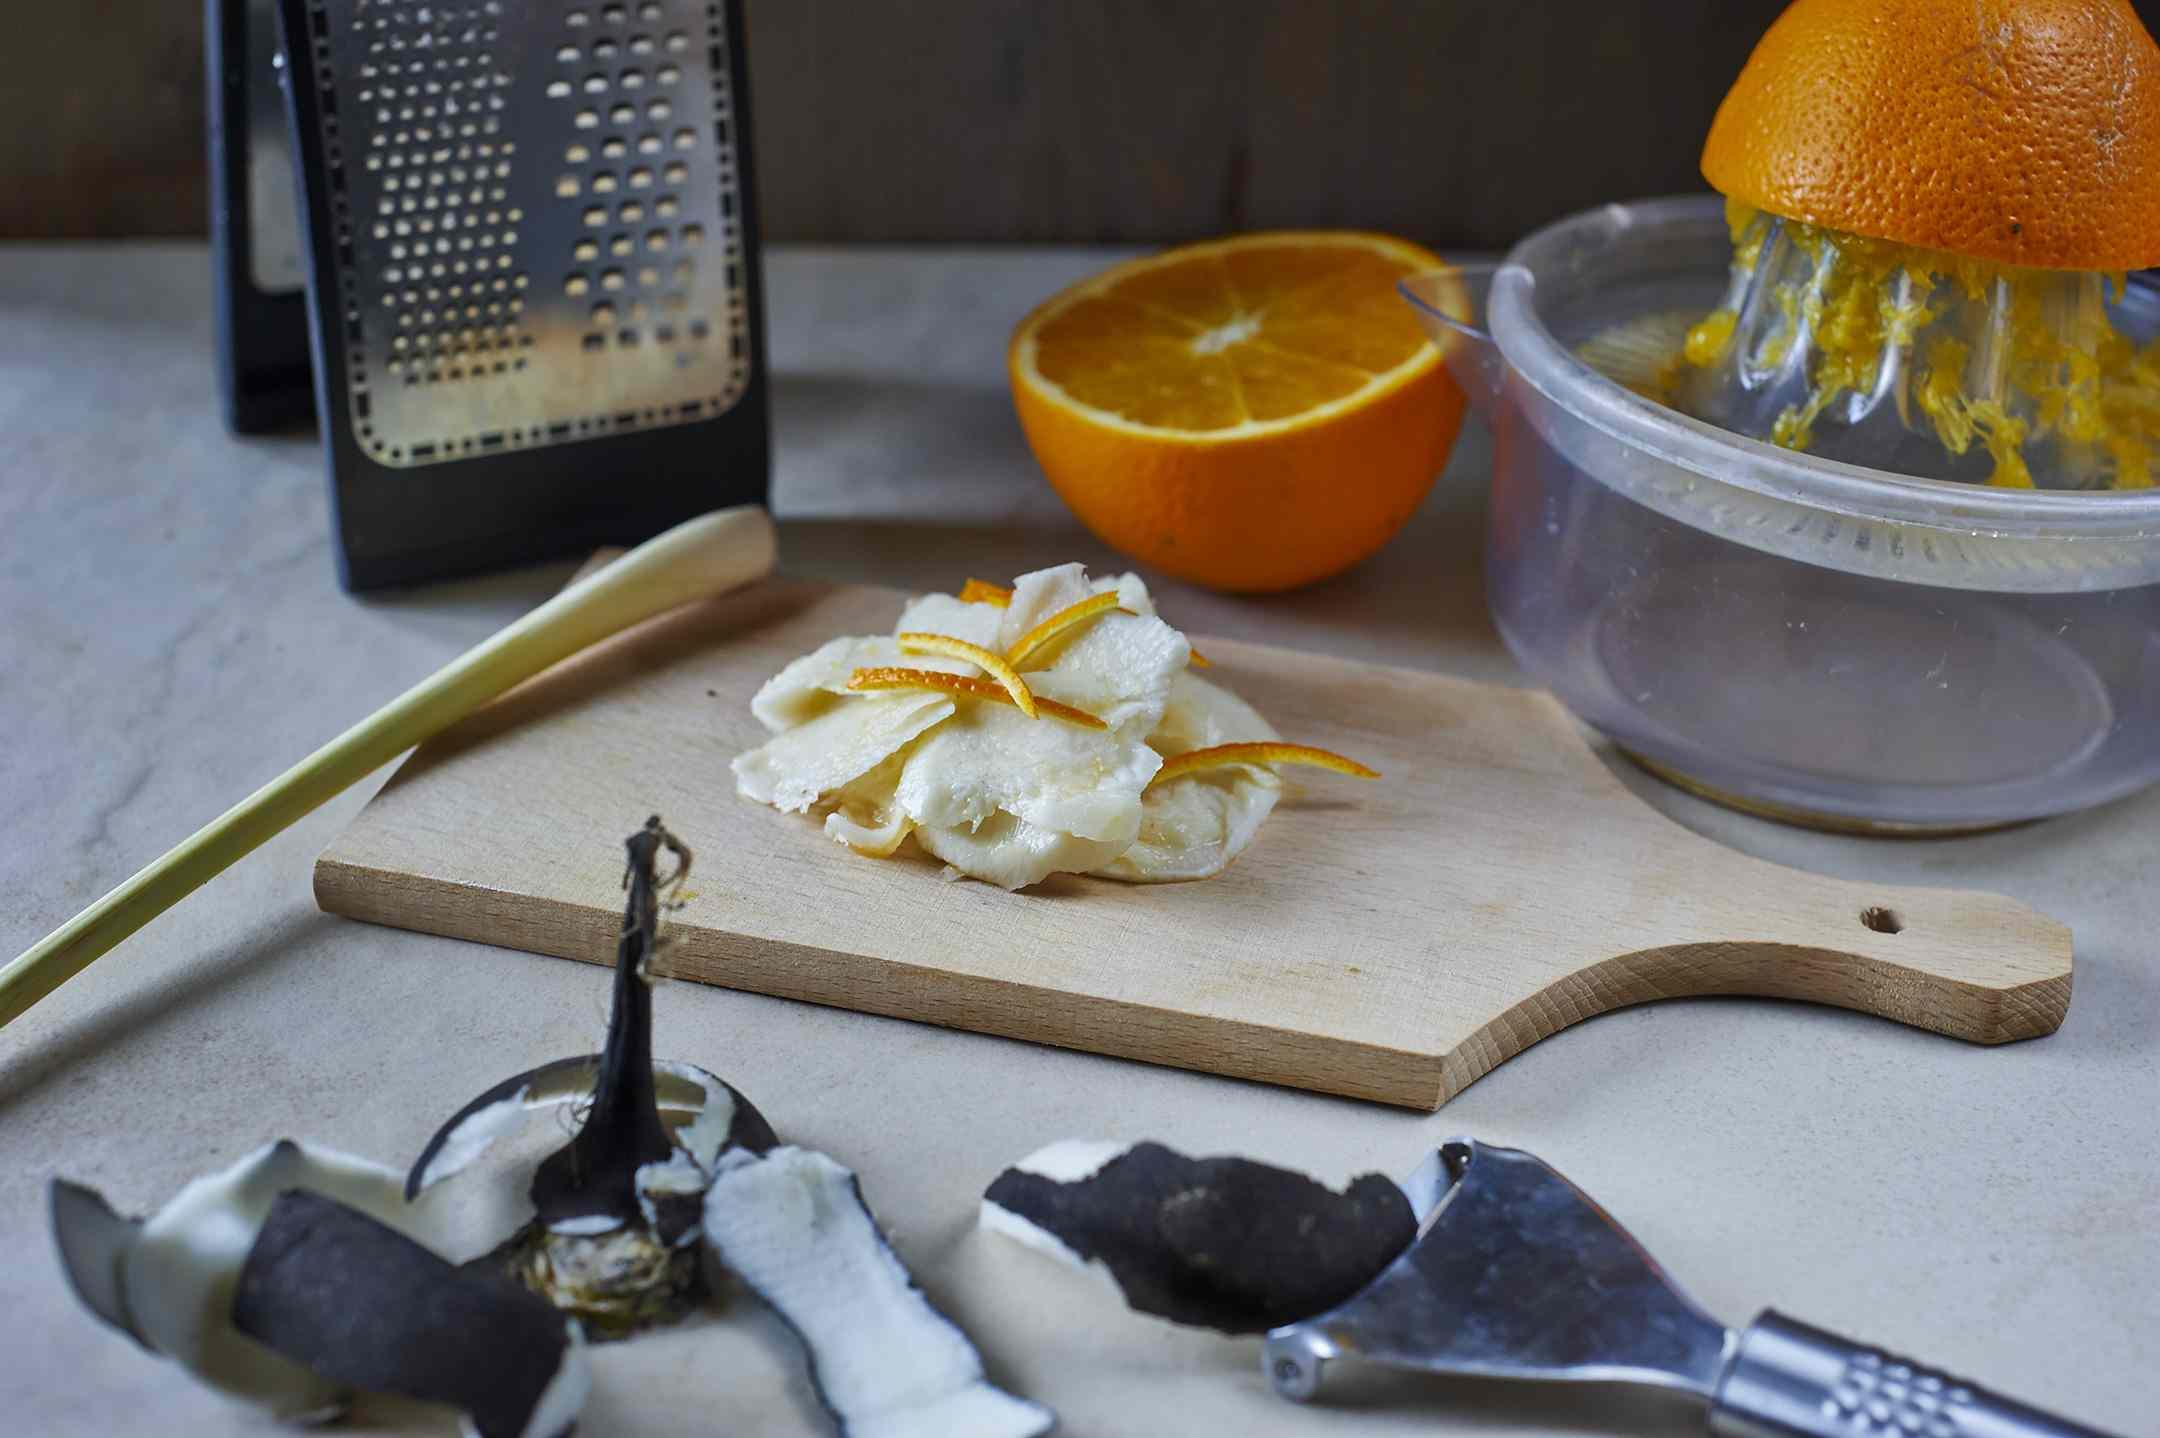 Ricetta: rafano nero all'arancia e lemon grass